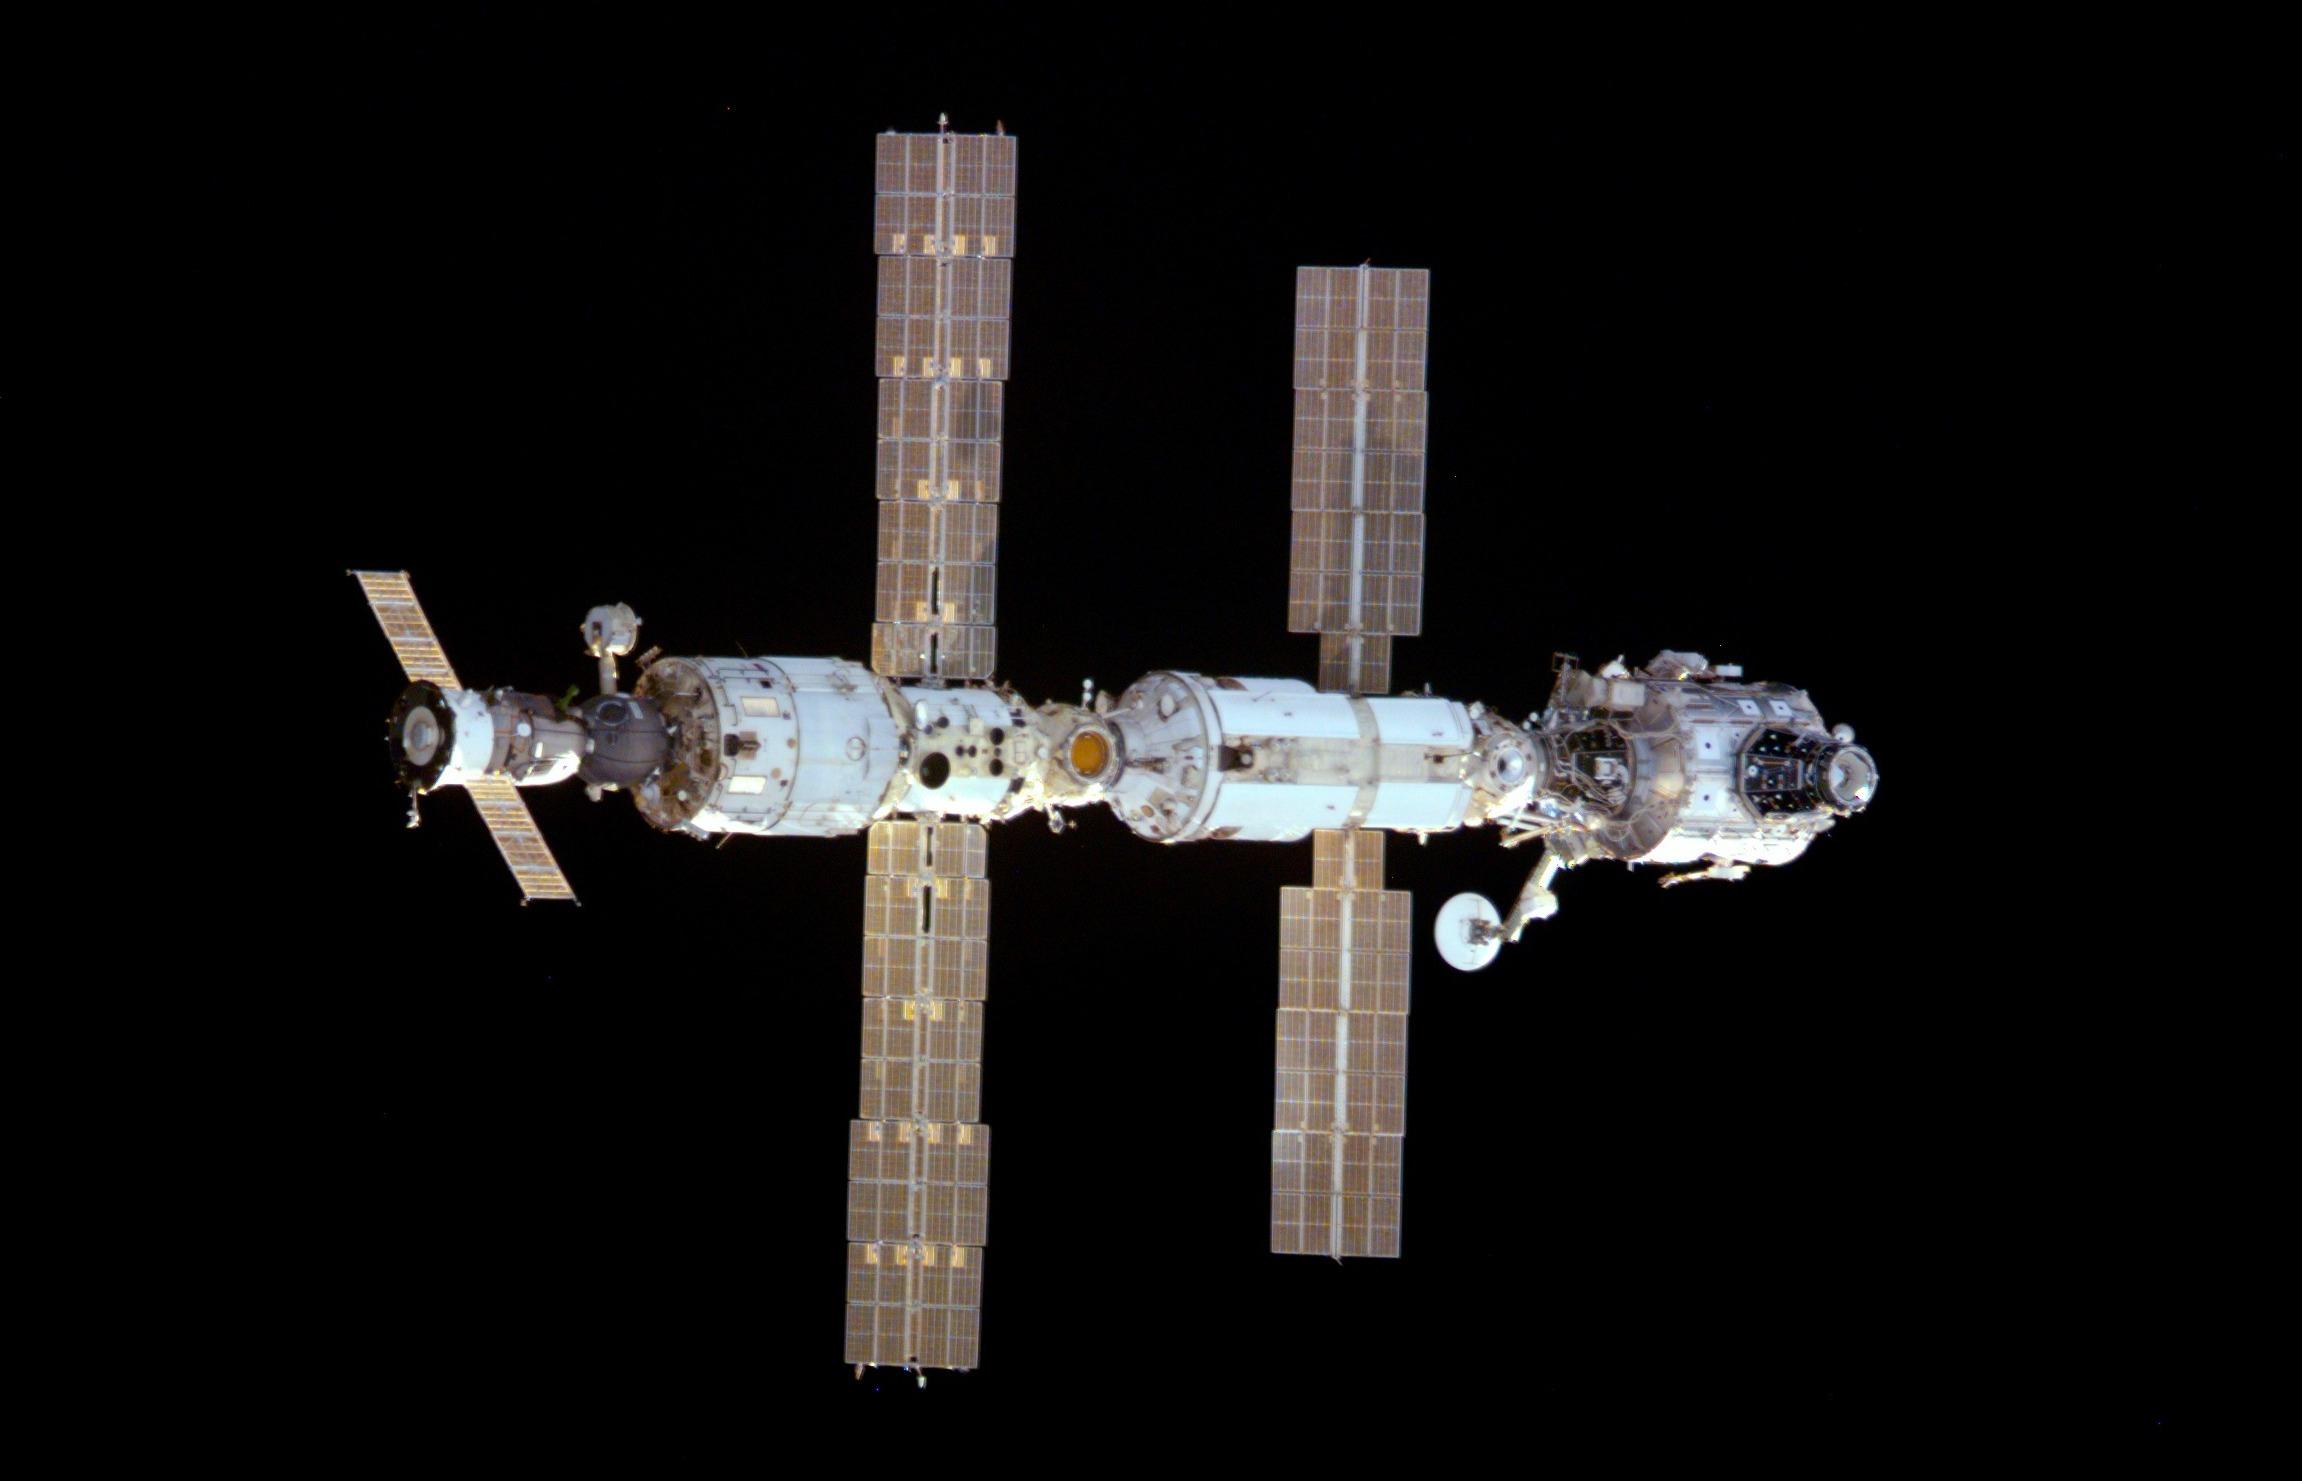 Така изглежда МКС през декември 2000 г.